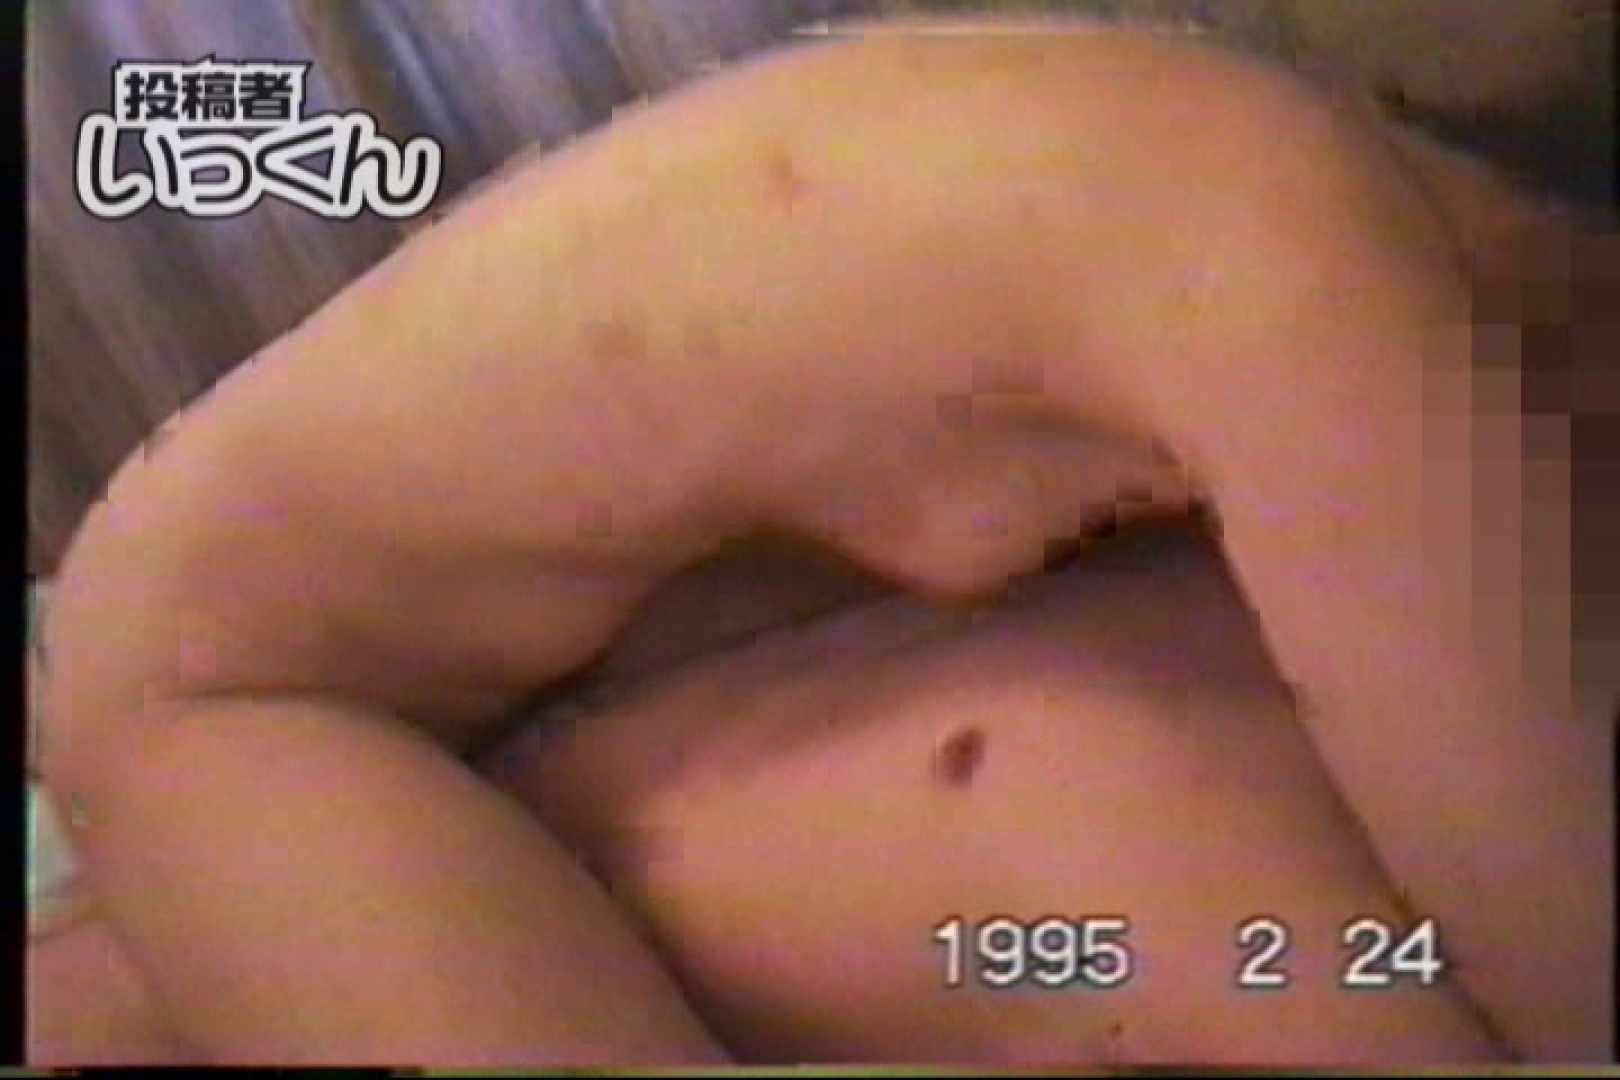 調教師いっくんの ちほ撮影バレ 盗撮  83pic 10